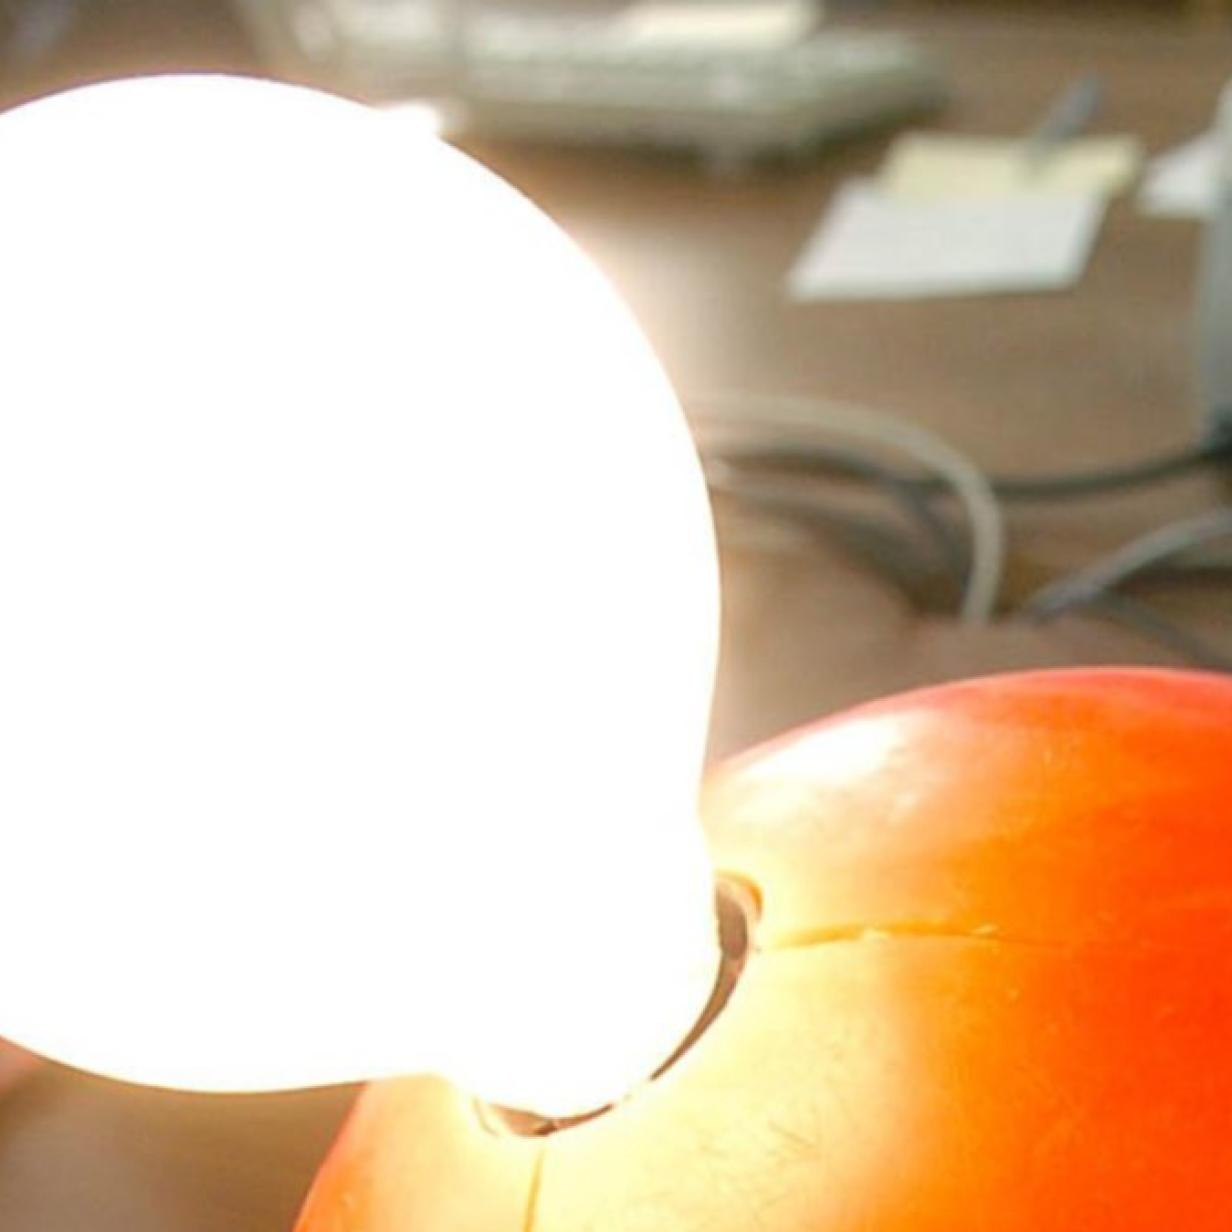 Drahtlos-Netzwerk mit Licht deutlich schneller als WLAN